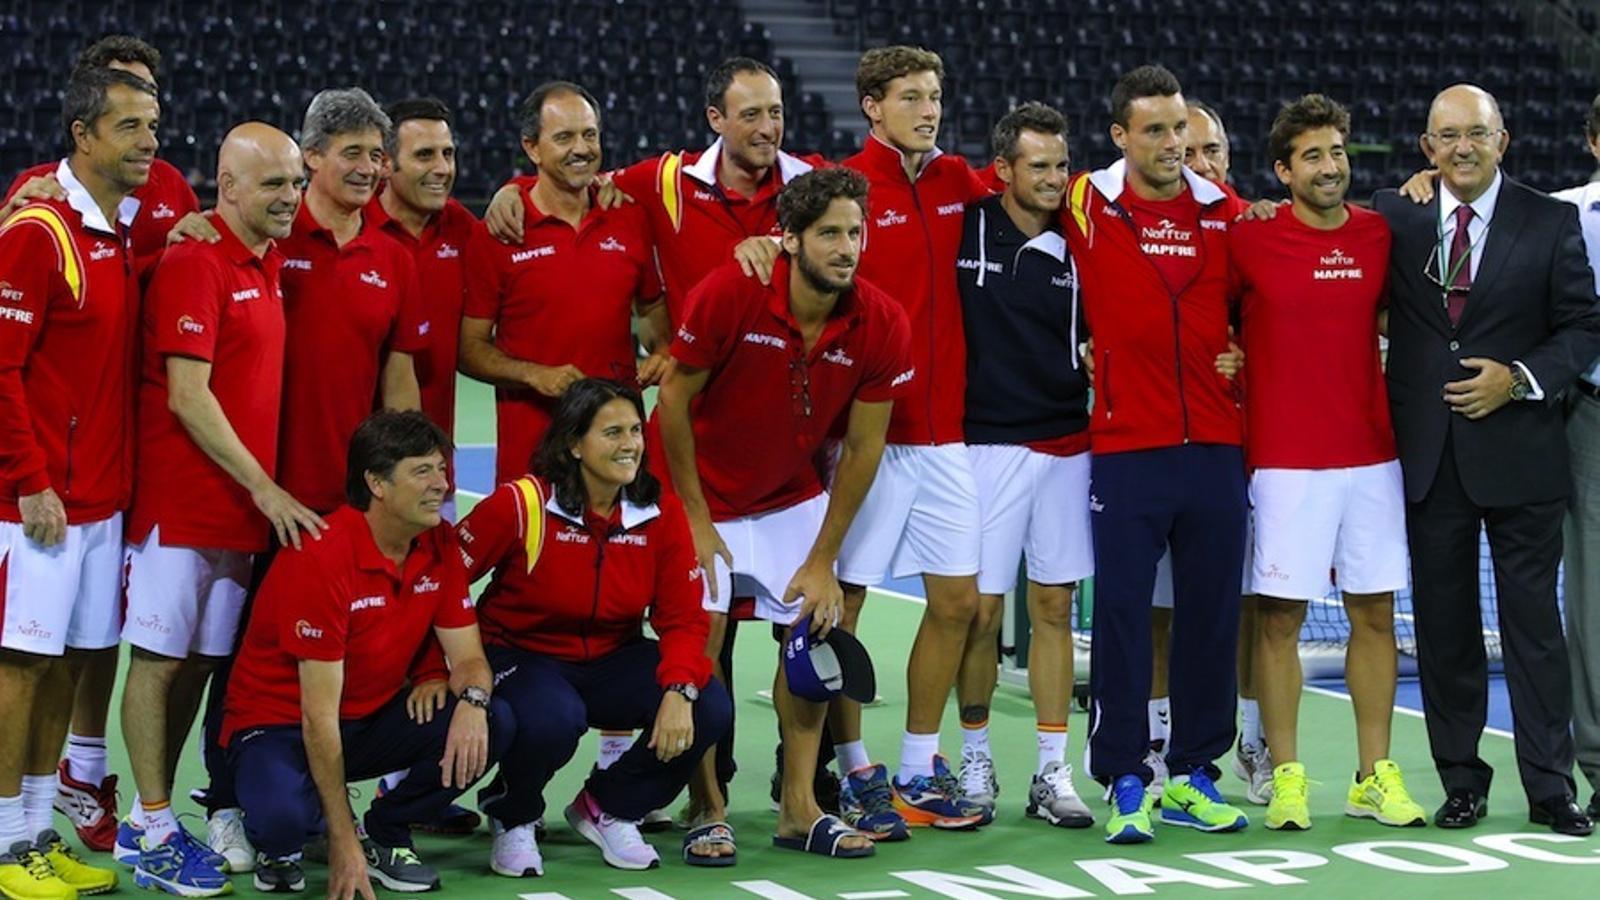 La selecció espanyola, celebrant el triomf contra Romania